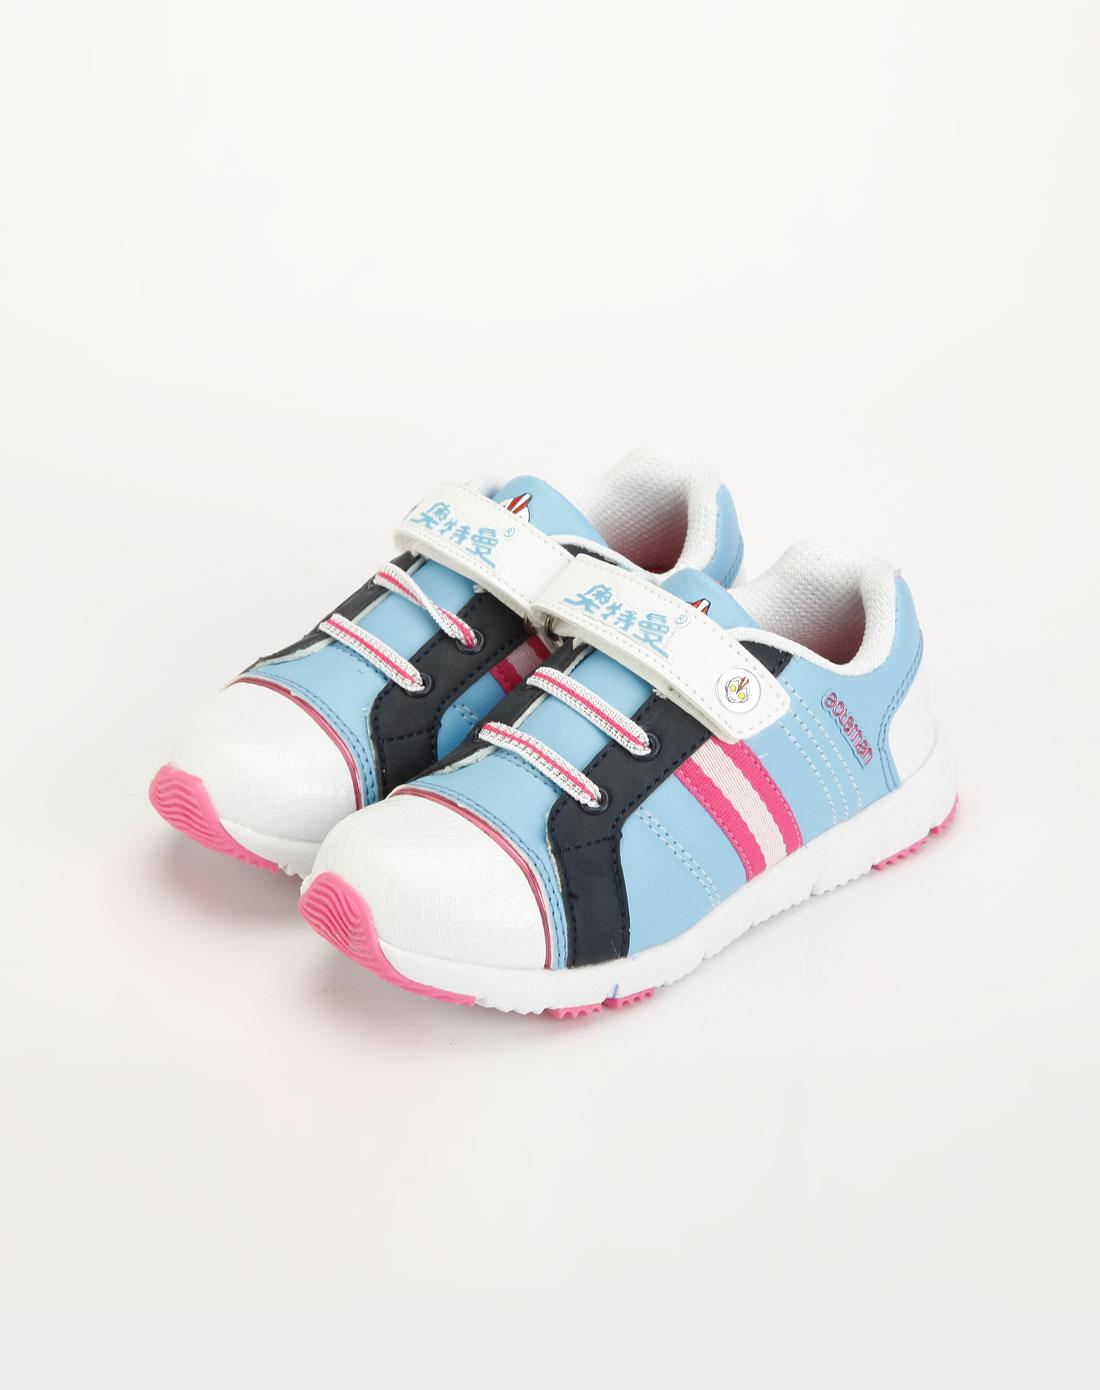 童鞋专场奥特曼 女童白/蓝/黑色休闲运动鞋